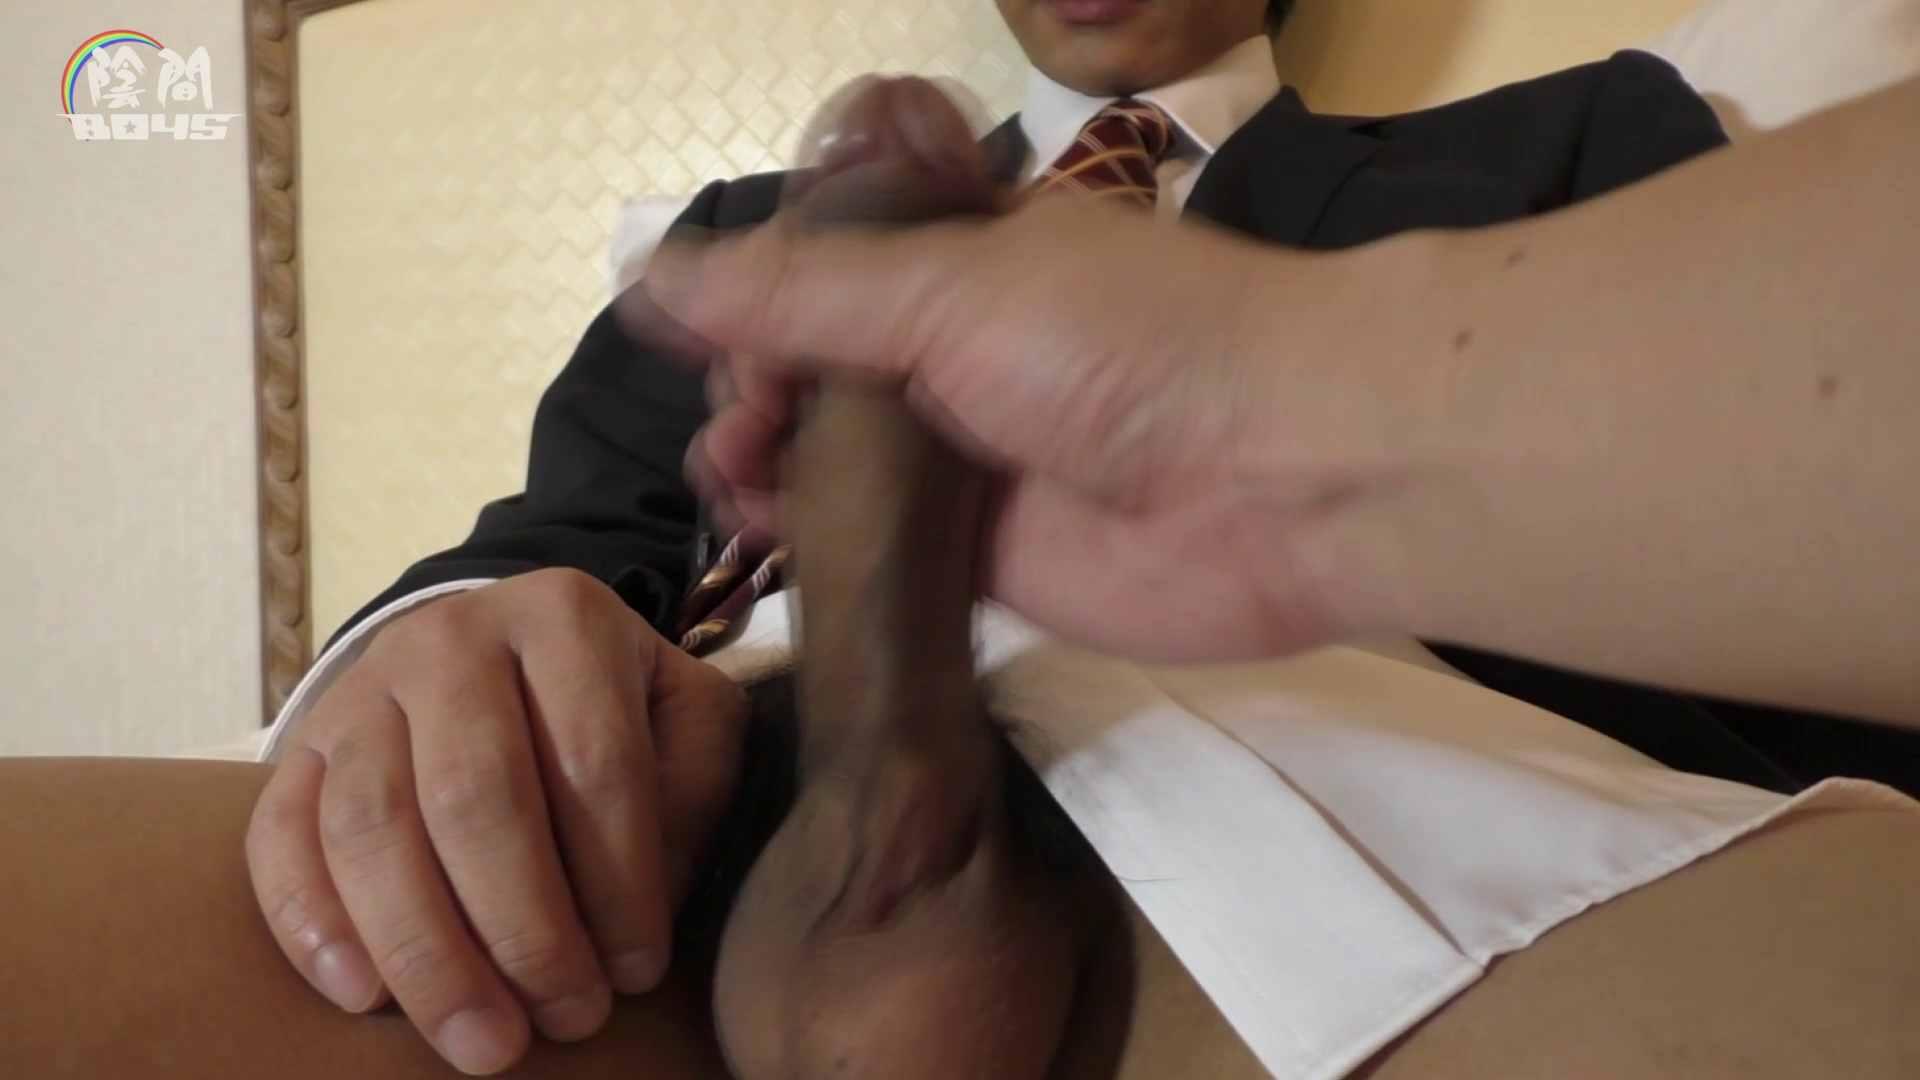 陰間BOYS~キャバクラの仕事はアナルから4 Vol.02 男どうし ゲイエロビデオ画像 100pic 59